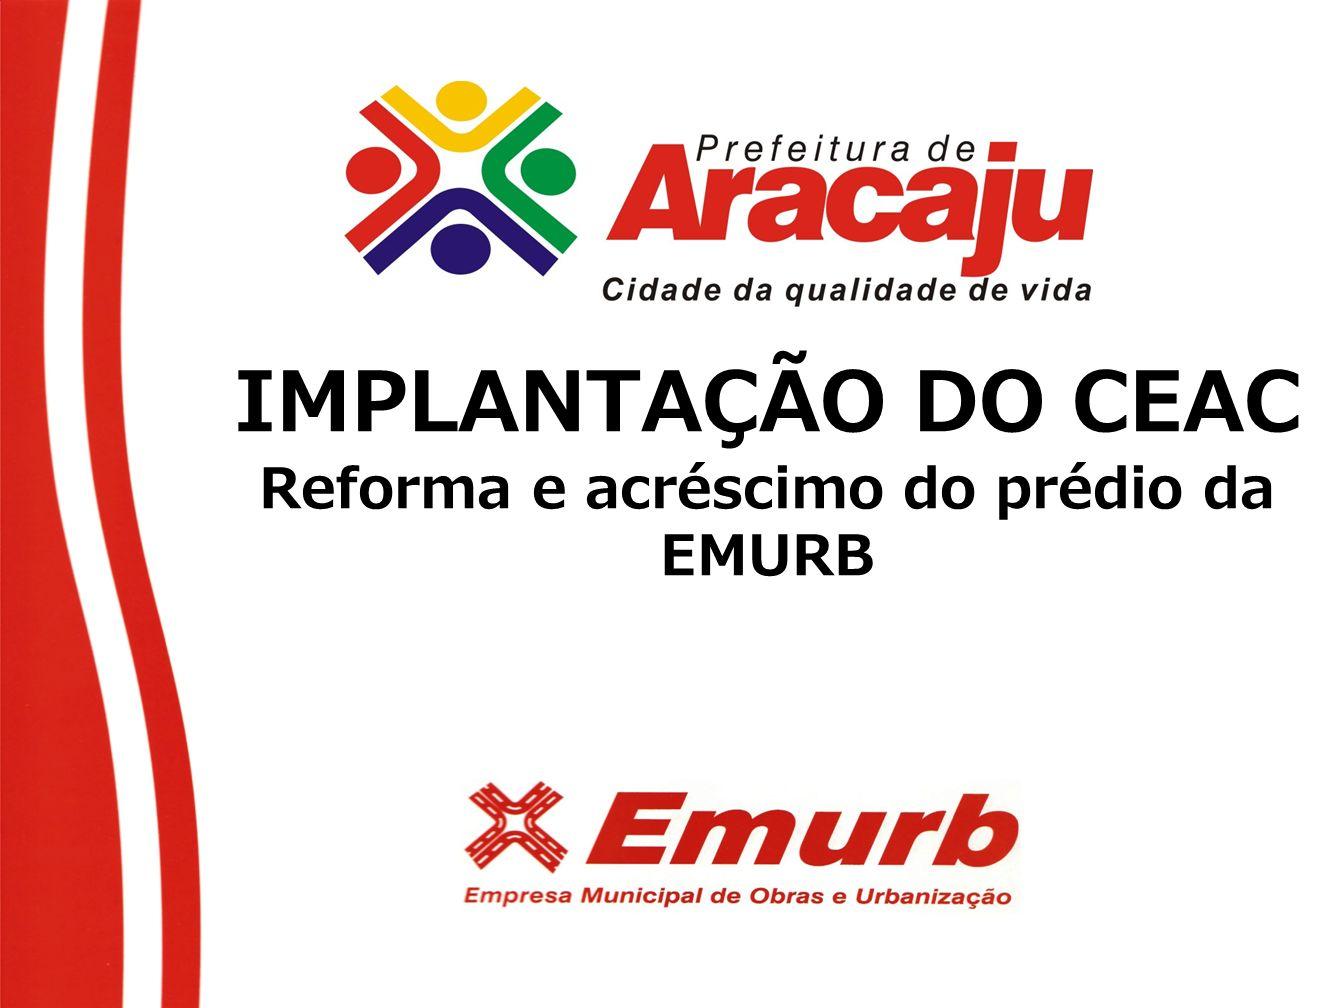 IMPLANTAÇÃO DO CEAC Reforma e acréscimo do prédio da EMURB